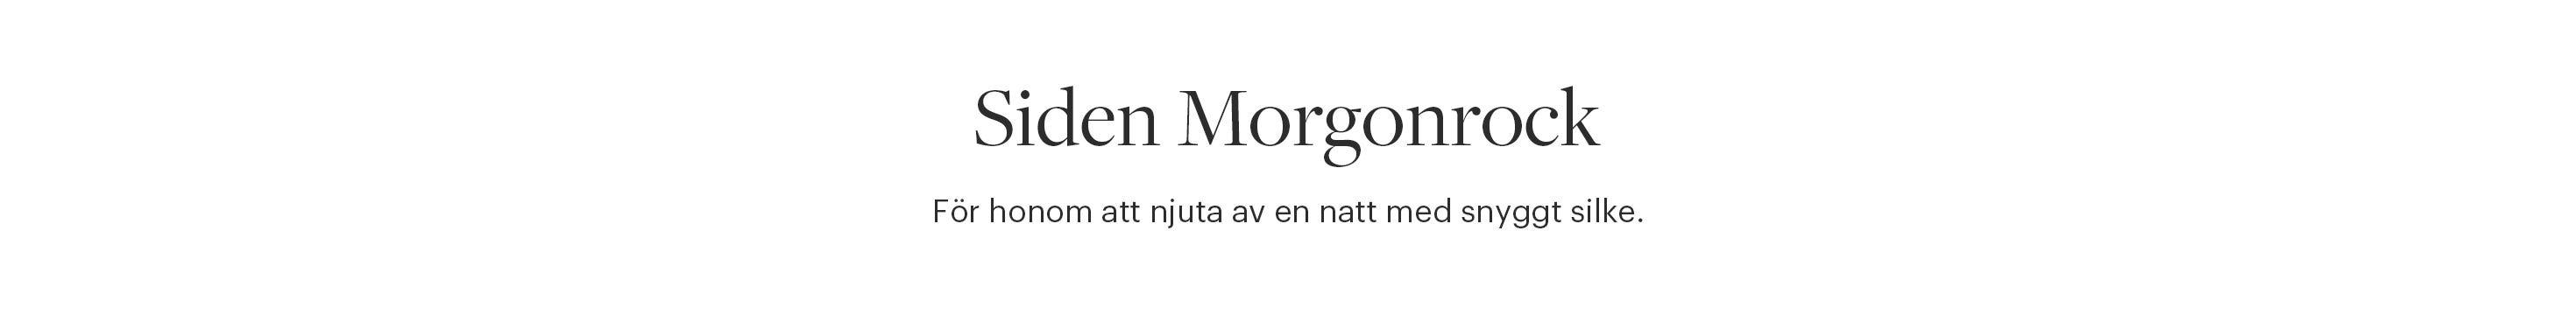 Siden Morgonrock Herr